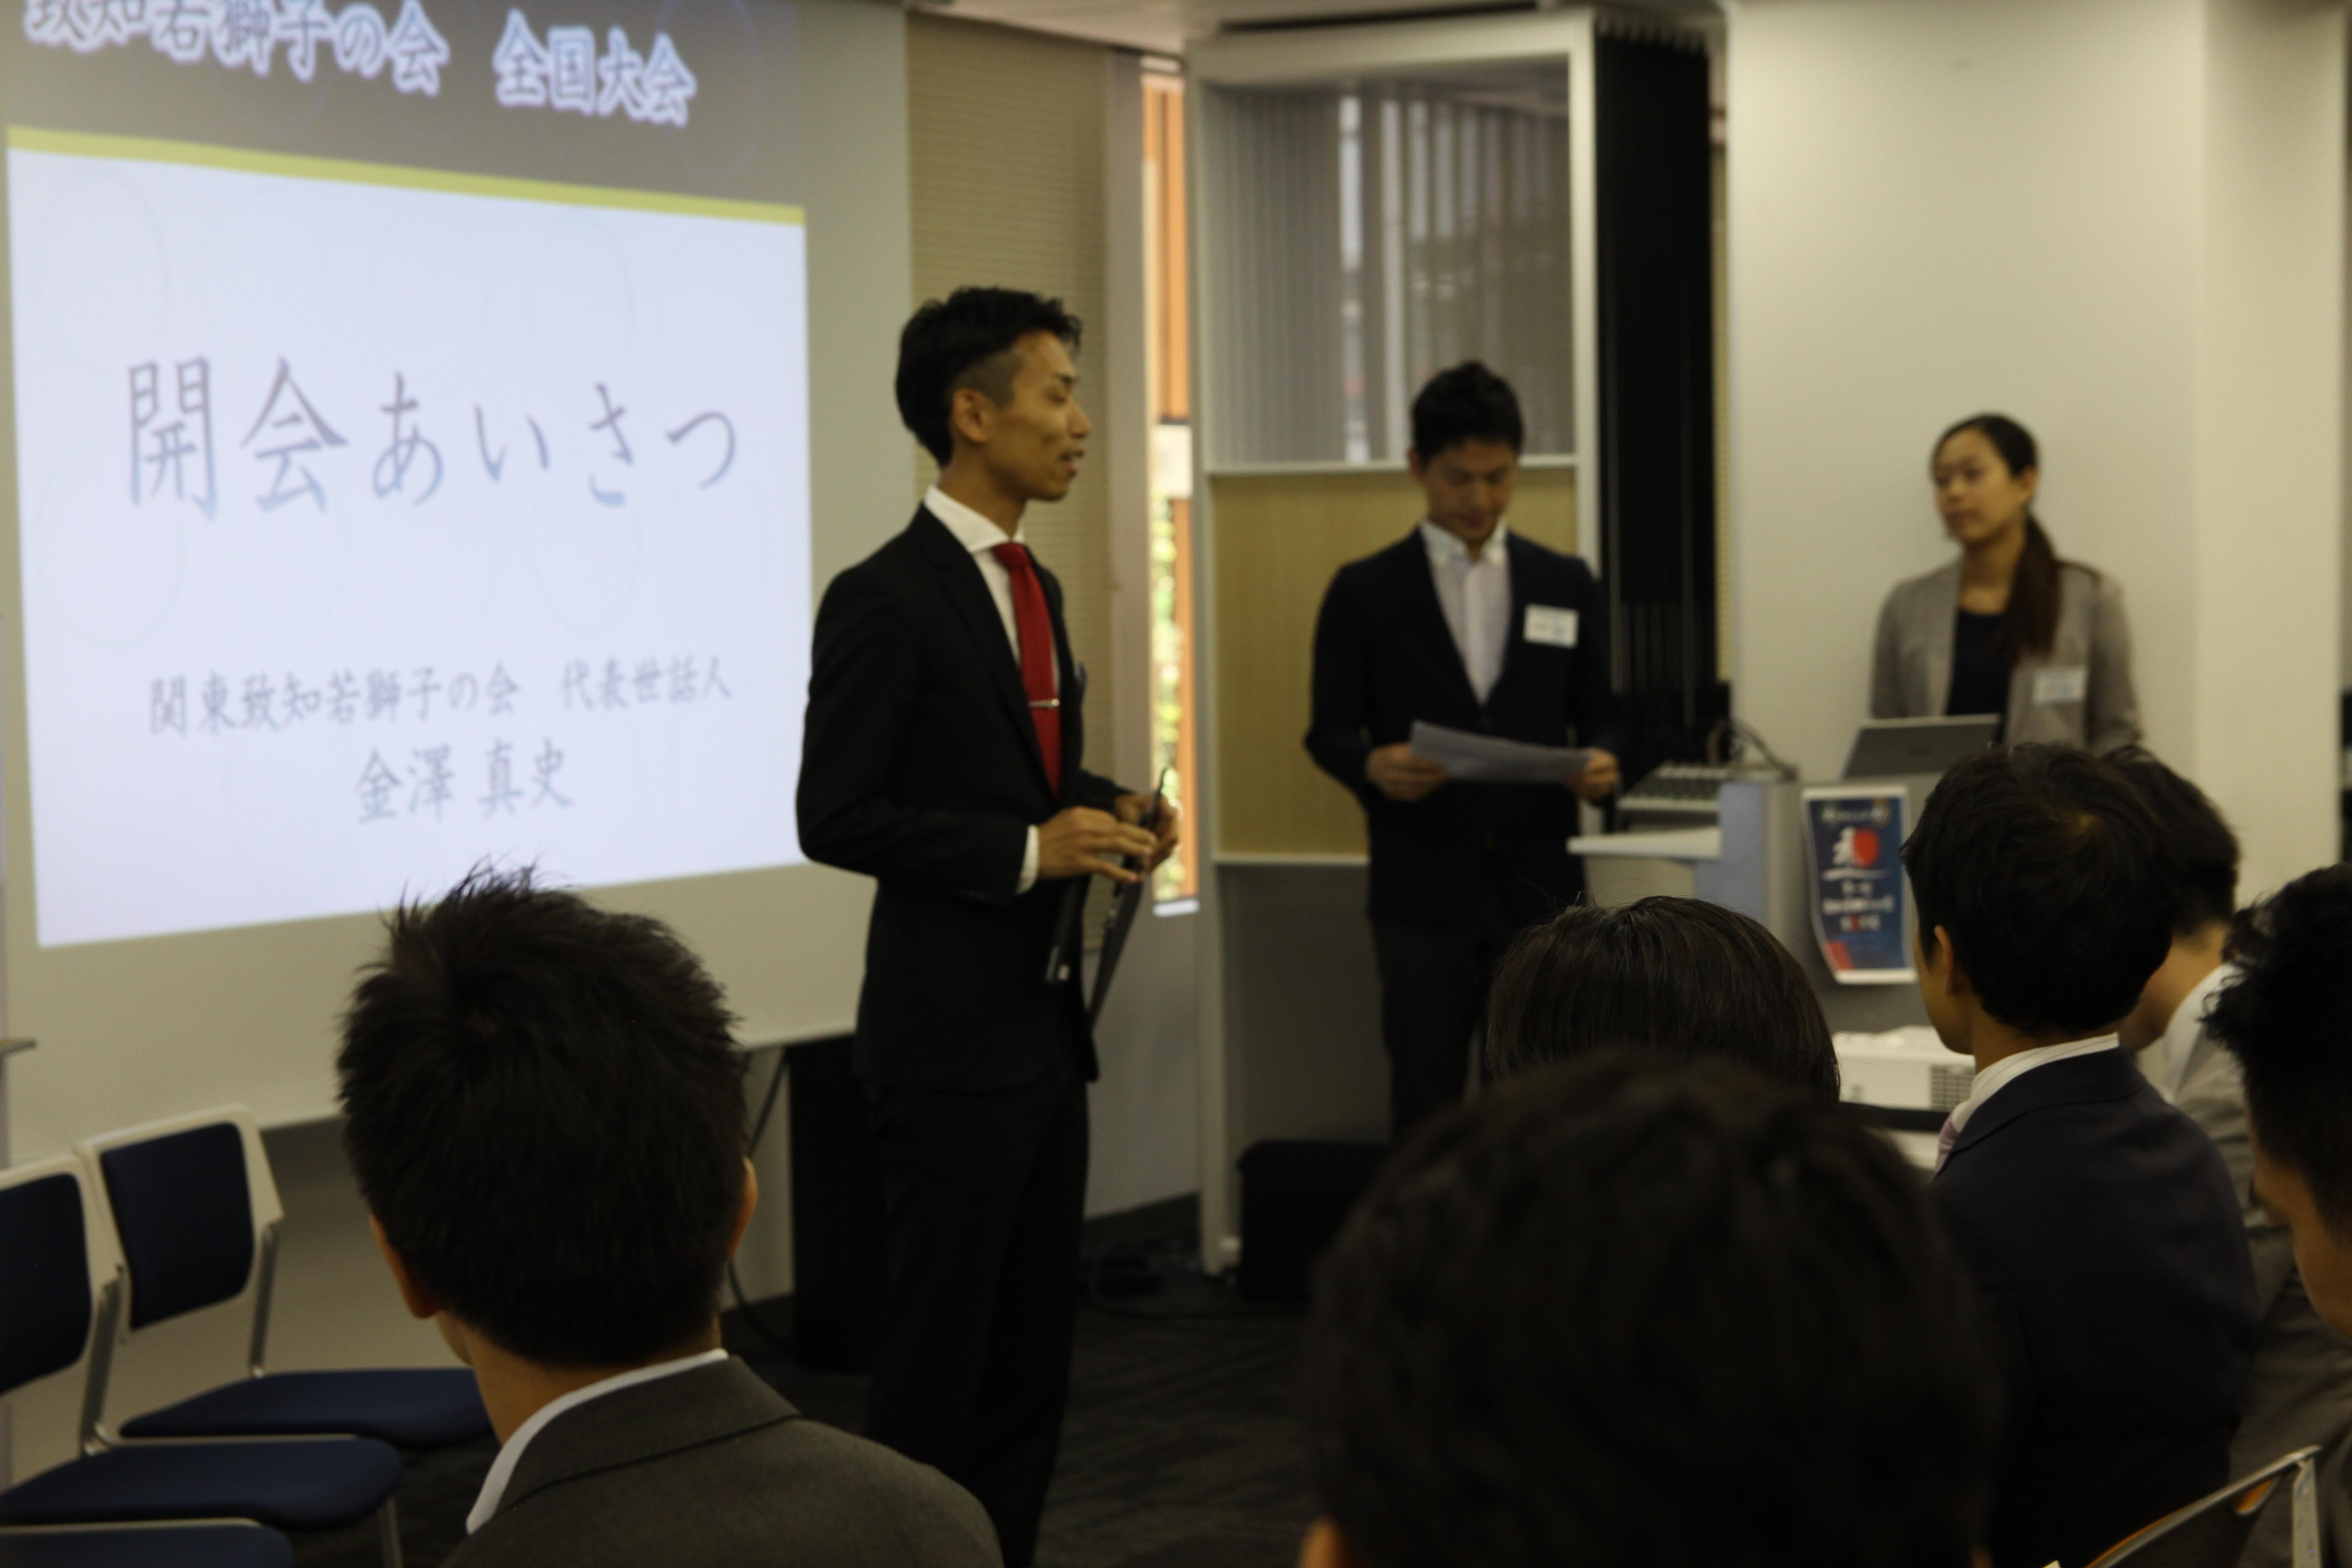 IMG 4551 - 関東若獅子の会、記念すべき第100回